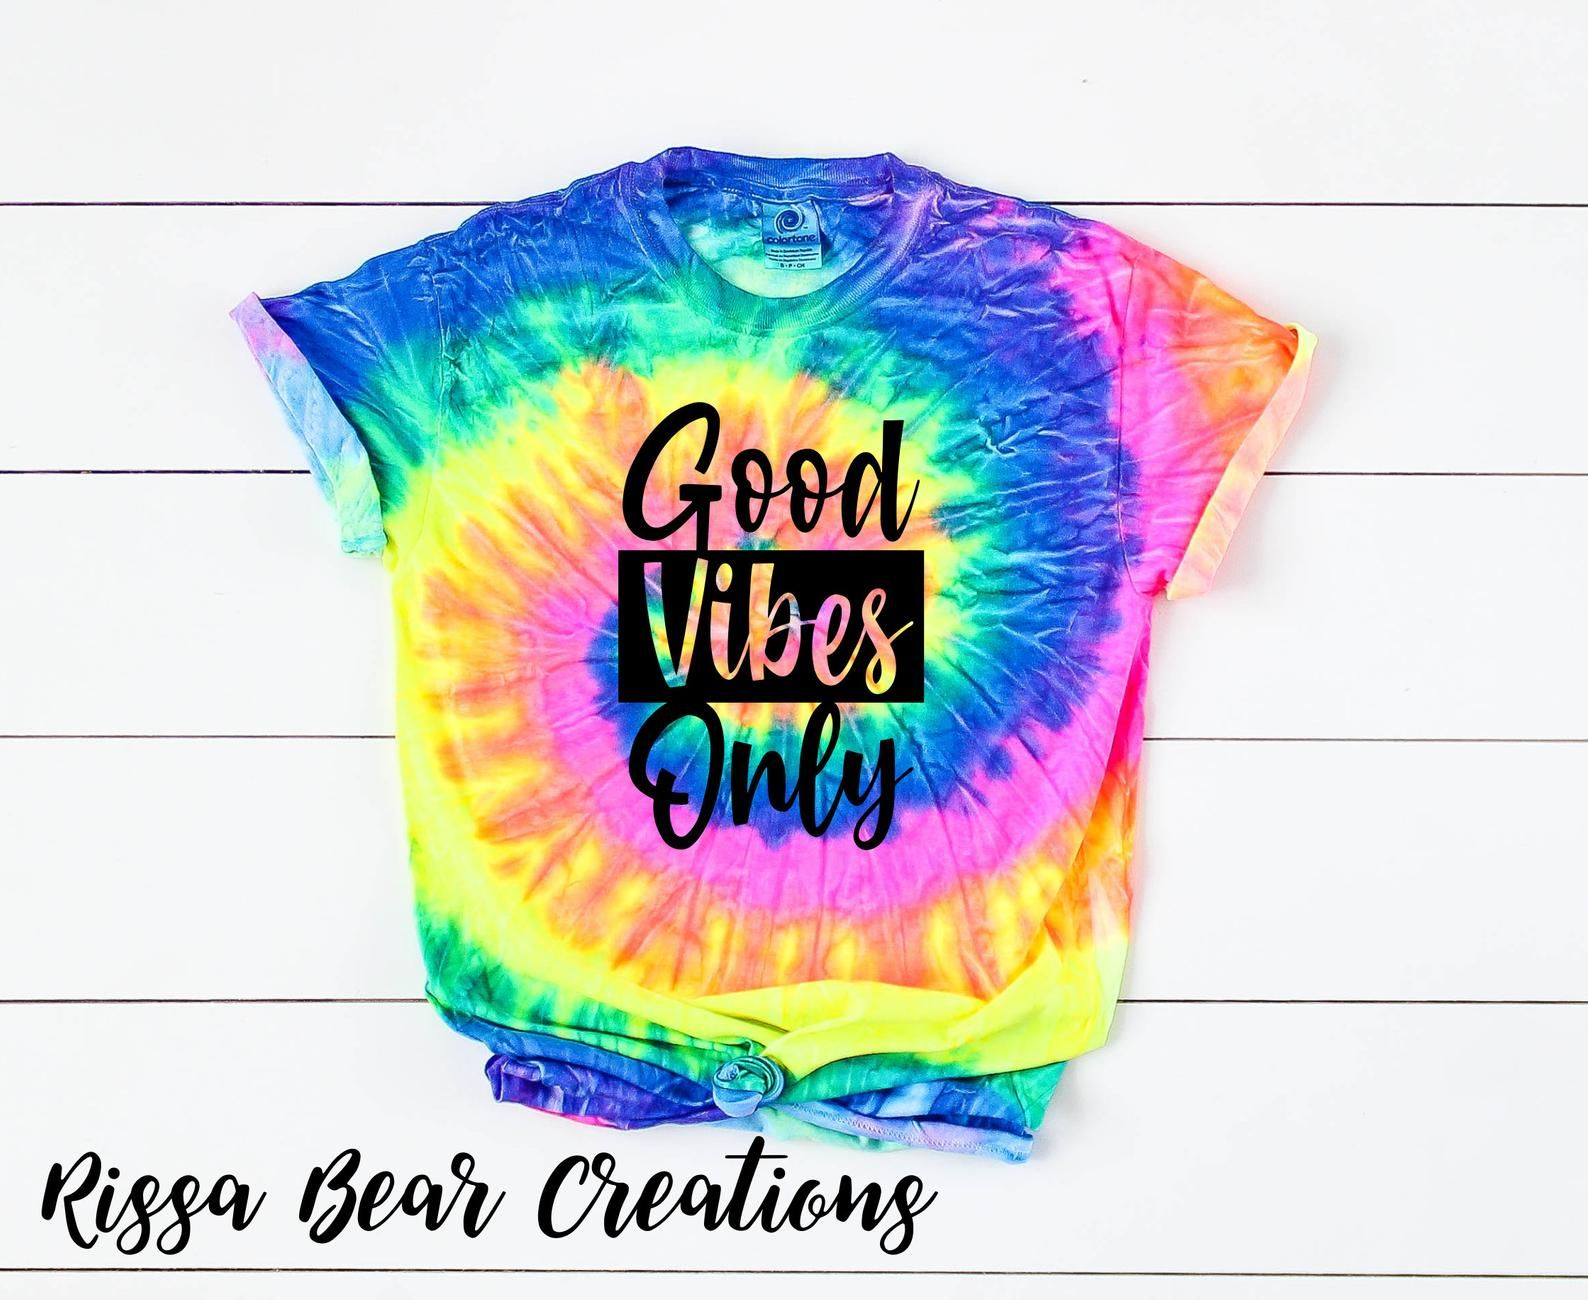 Good Vibes Only Tie Dye Graphic T Shirt Etsy Tie Dye Diy Tye Dye Shirts Babe Shirt [ 1300 x 1588 Pixel ]